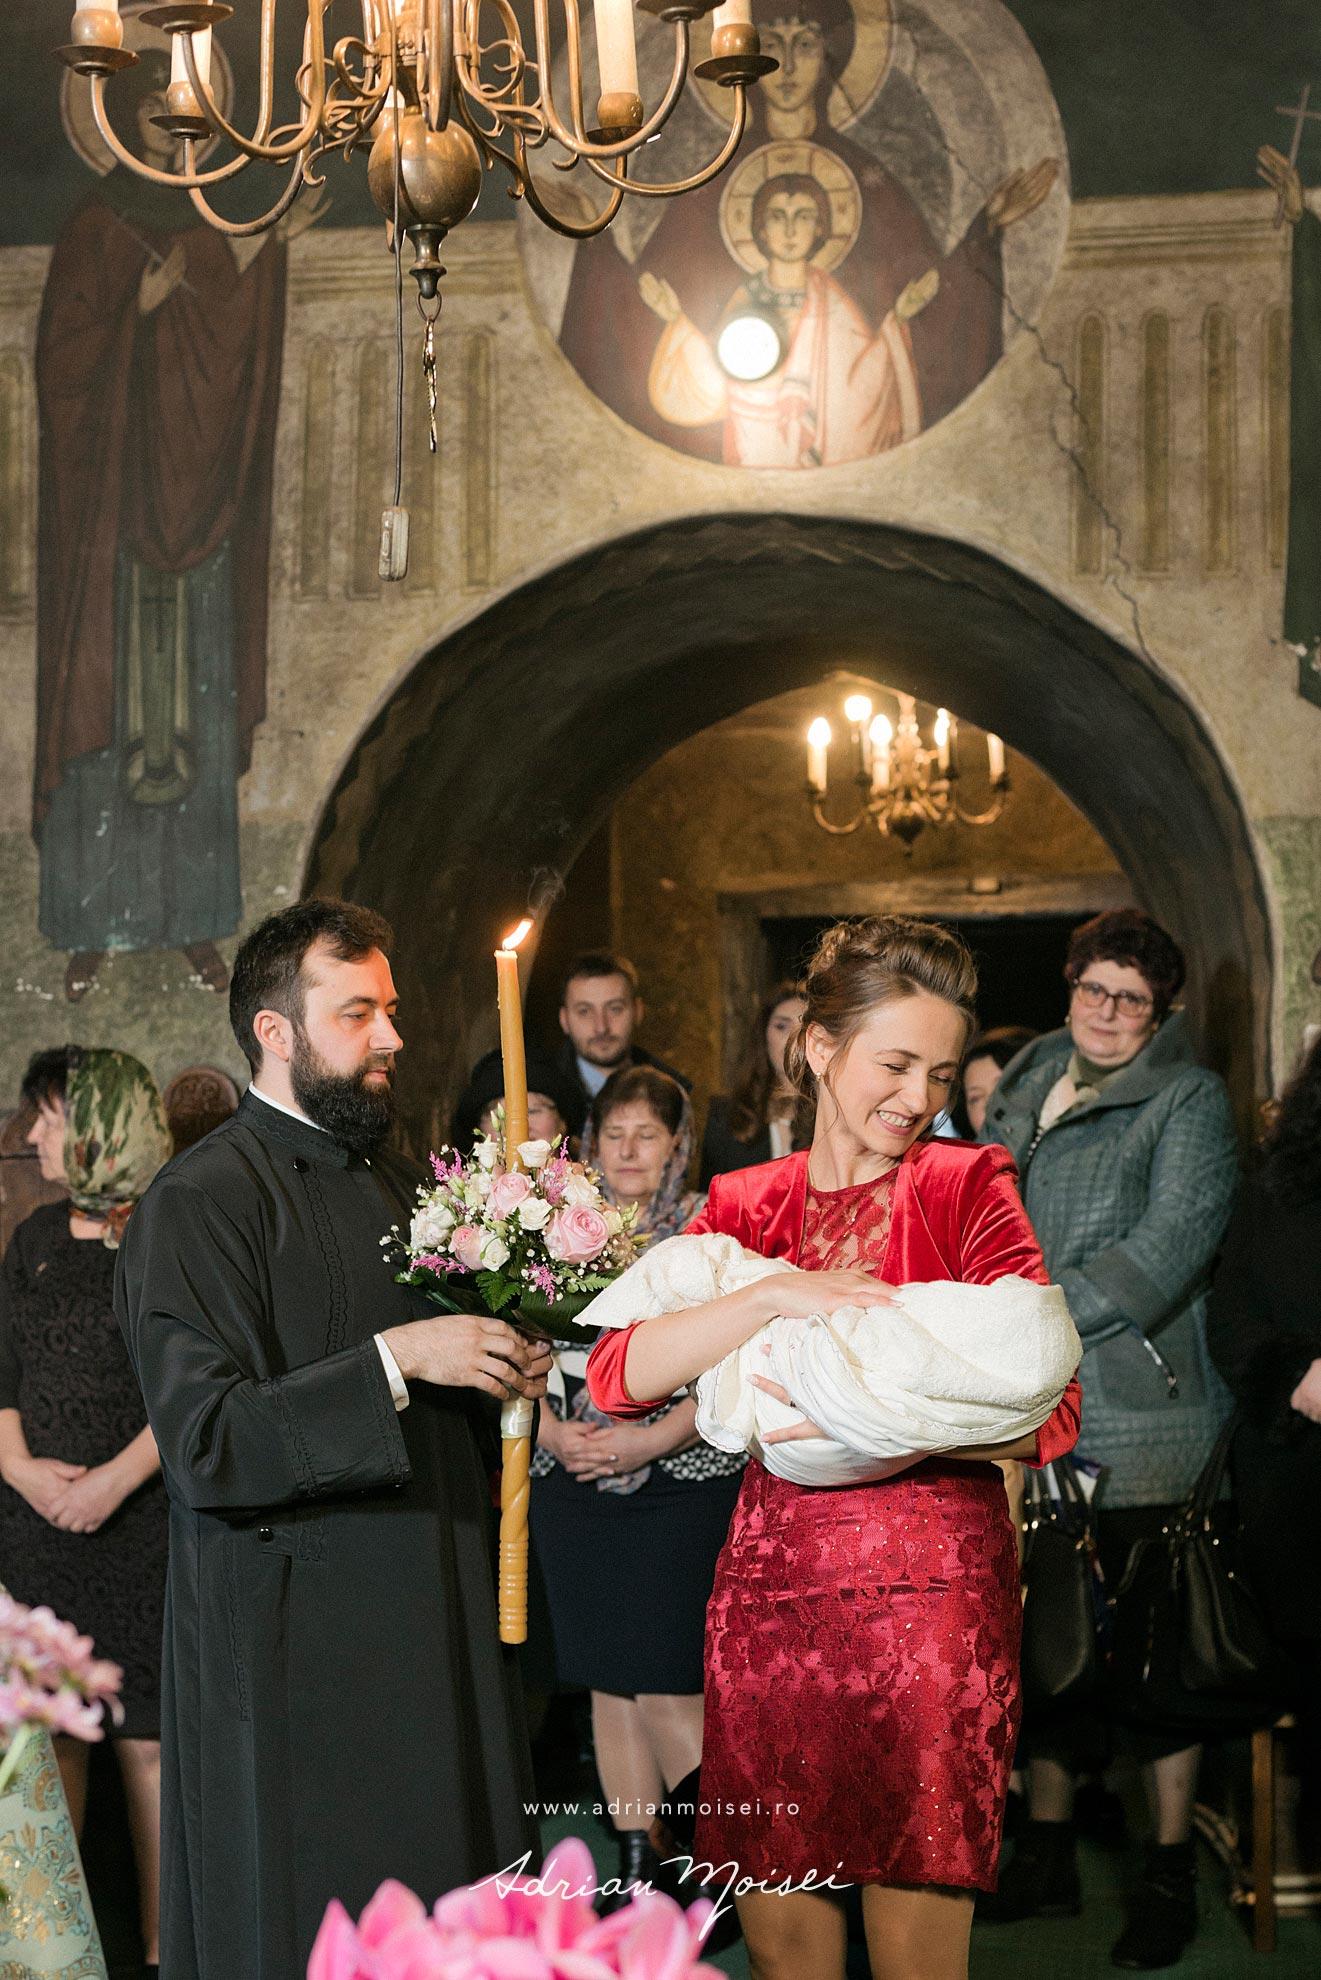 Fotografie de botez in culorile fericirii fotograf de botez Iasi, Adrian Moisei, fotografie de familie